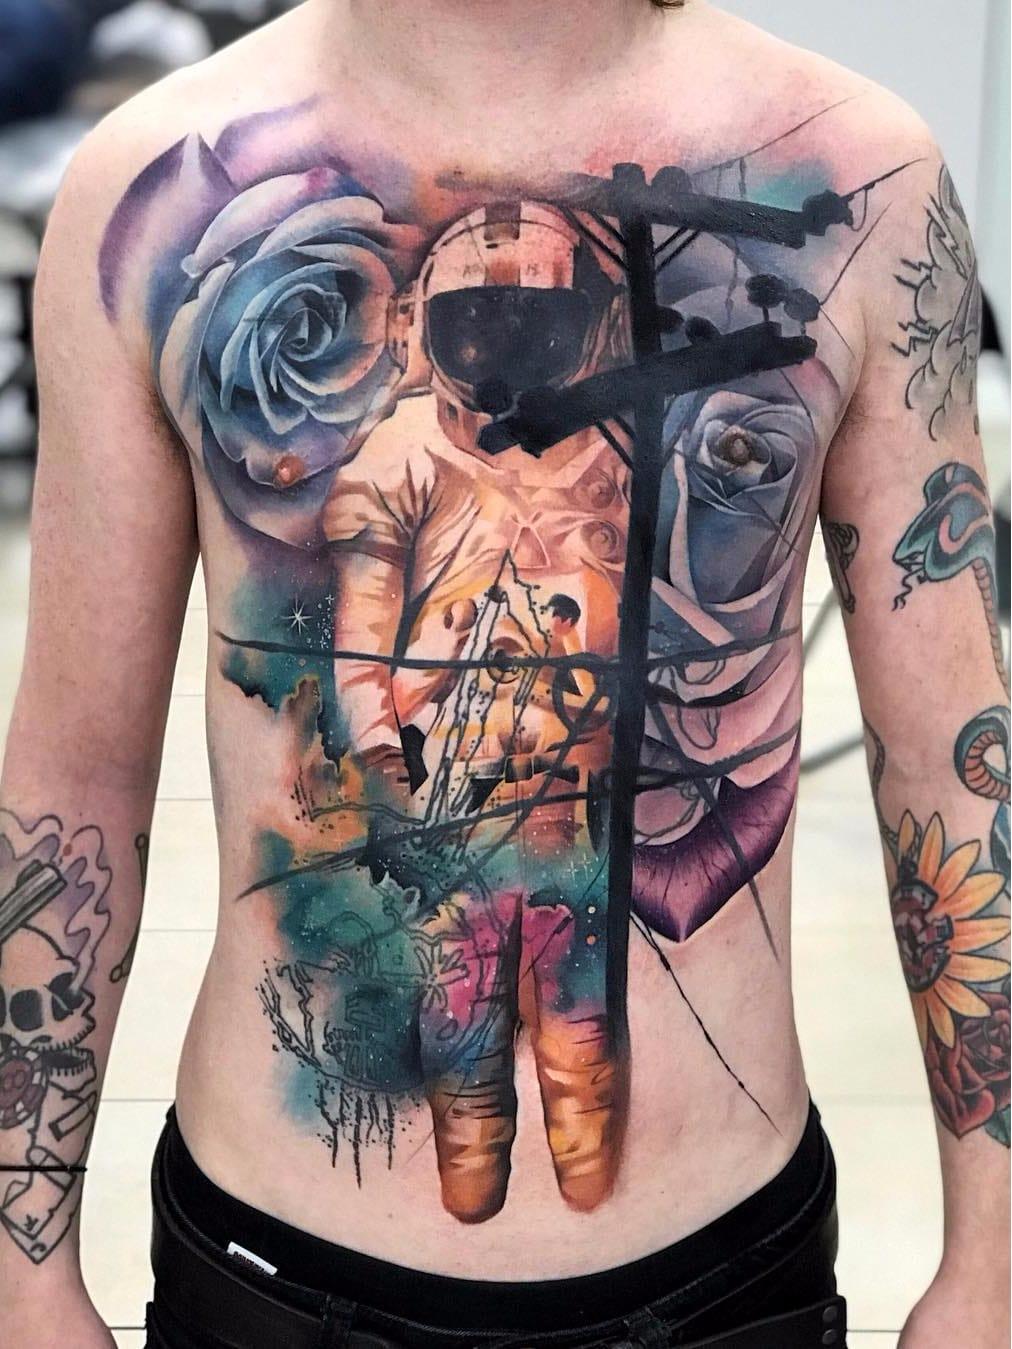 Por Freddie Albrighton #FreddieAlbrighton #gringo #colorido #colorful #realismo #realism #realismocolorido #astronaut #astronauta #poste #lightpole #watercolor #aquarela #flor #flower #rose #rosa #galaxy #galaxia